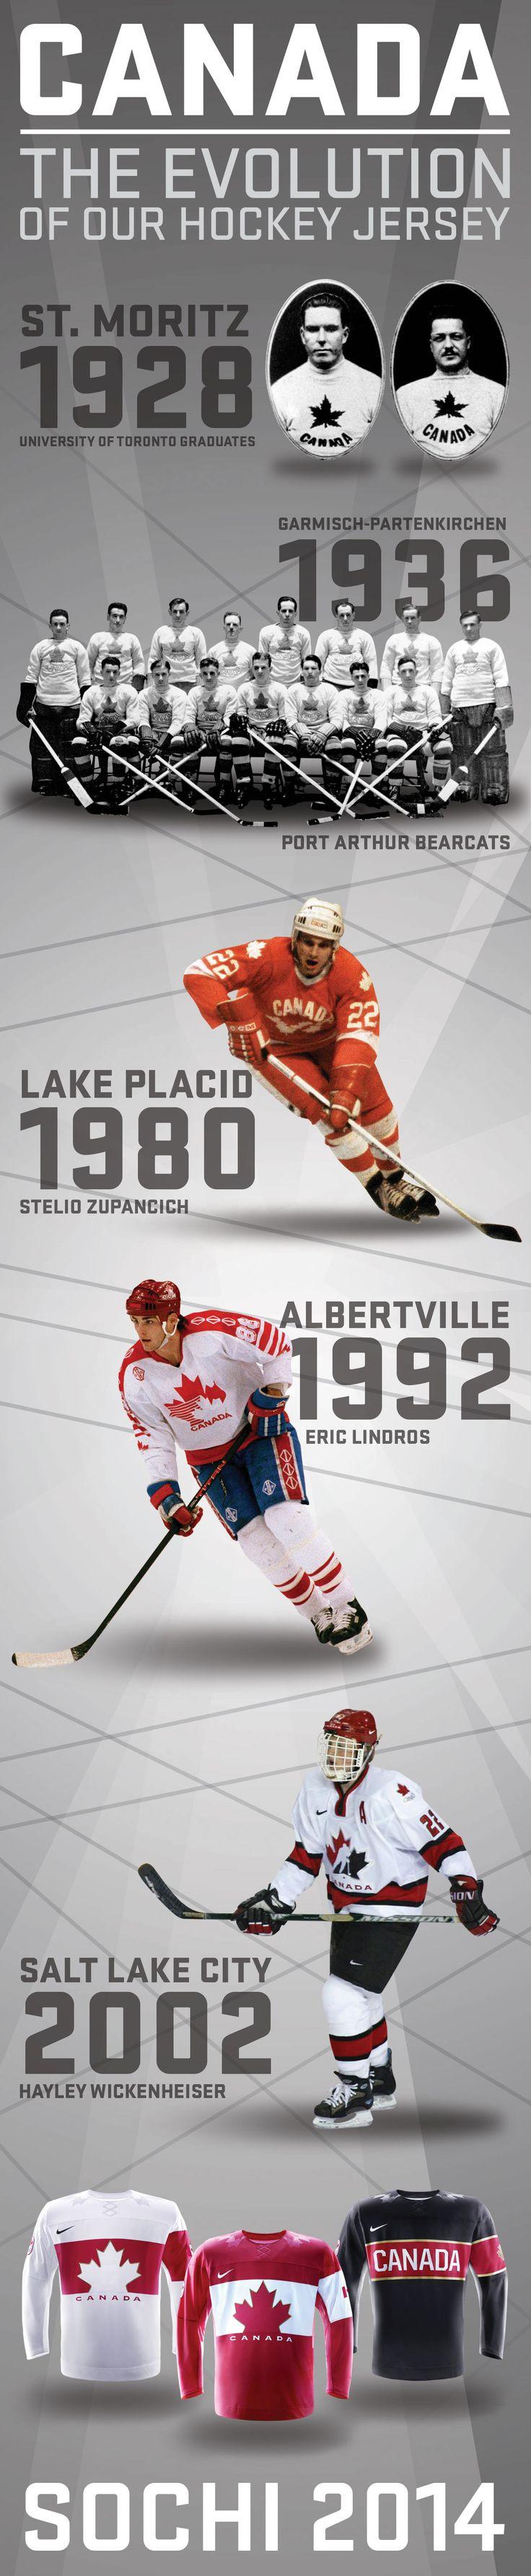 History of Canada's Hockey Jersey!